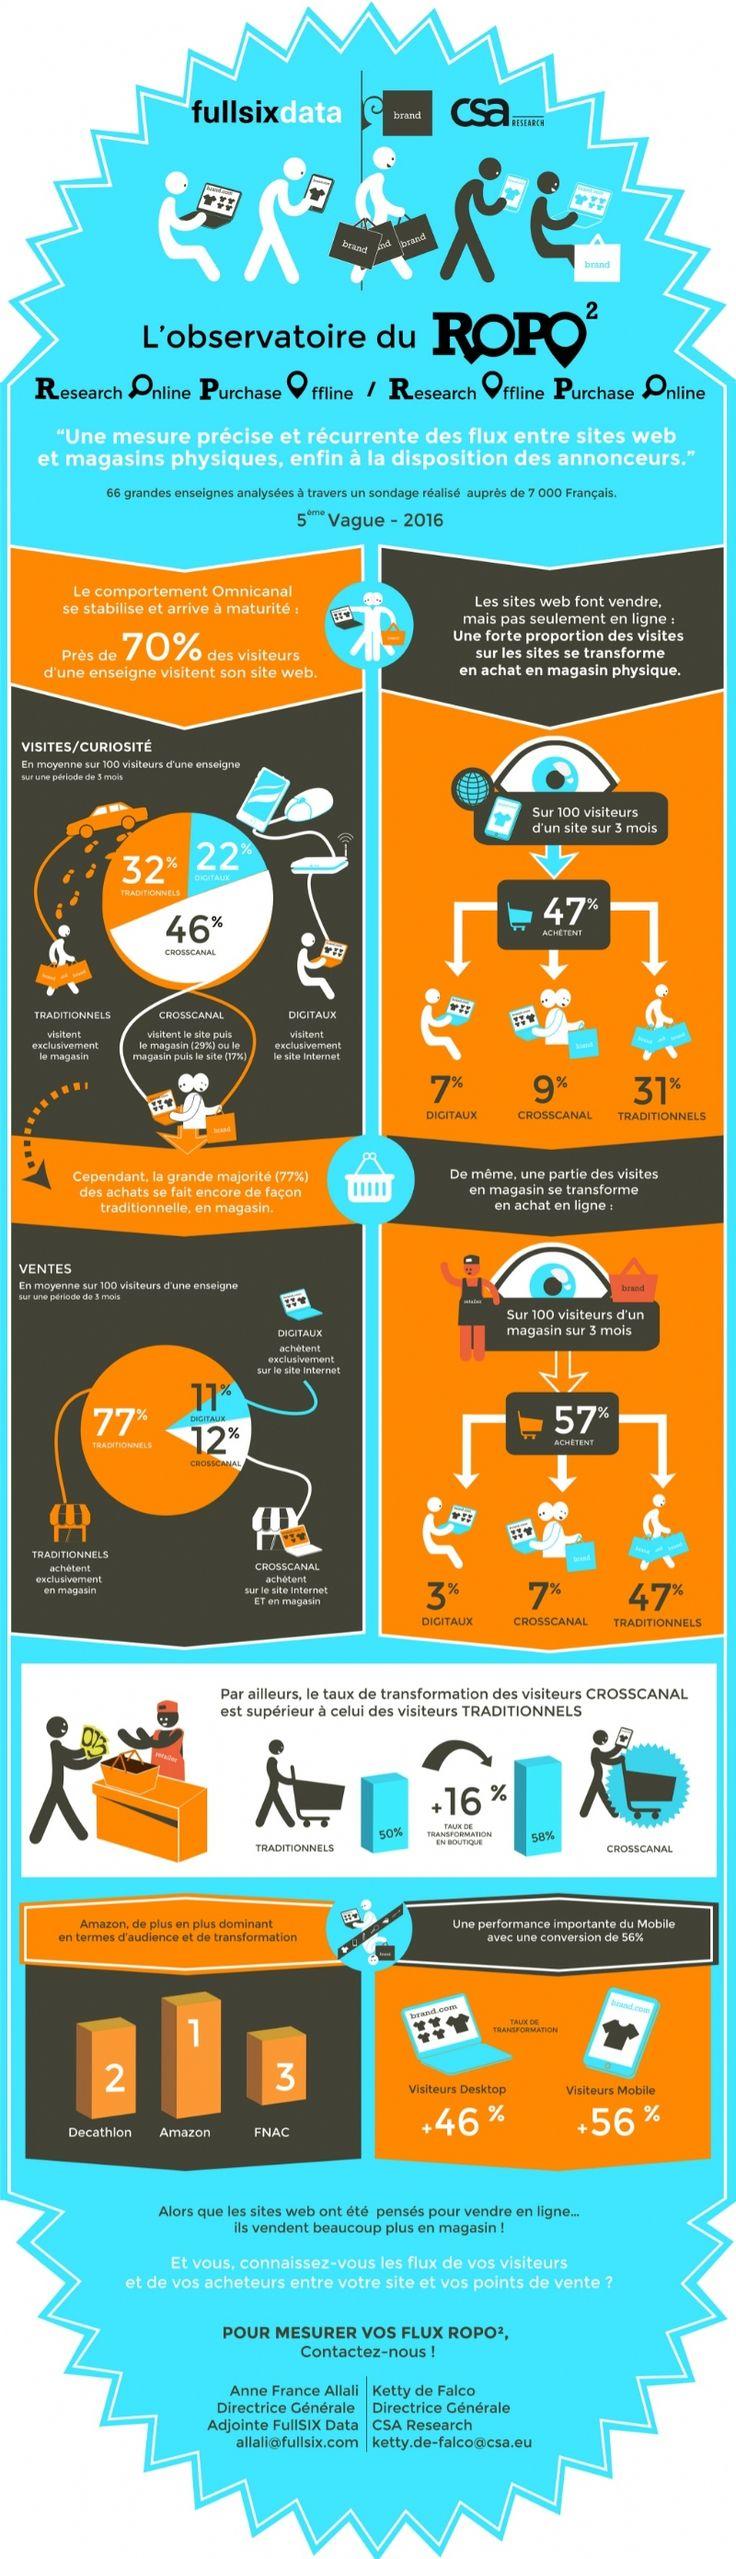 """Infographie ROPO : l'omnicanal au service de la conversion  Retrouvez cet article sur : www.e-marketing.fr - """"ROPO : l'omnicanal au service de la conversion"""